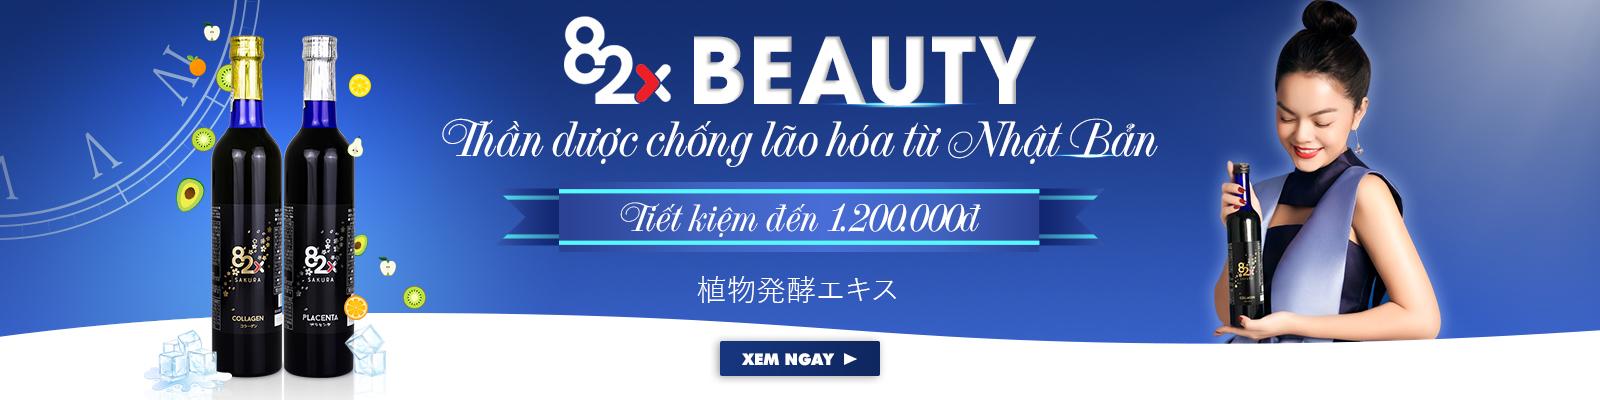 82x Beauty